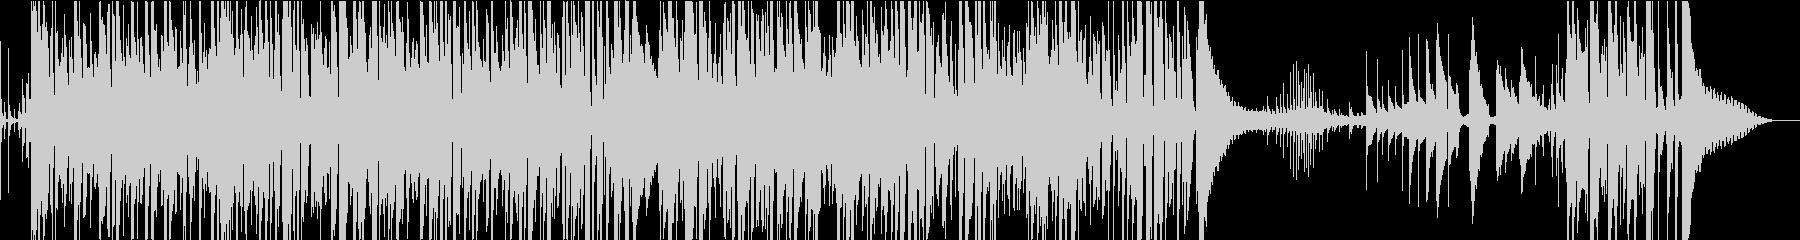 ショパンのノクターン・ギターインストの未再生の波形